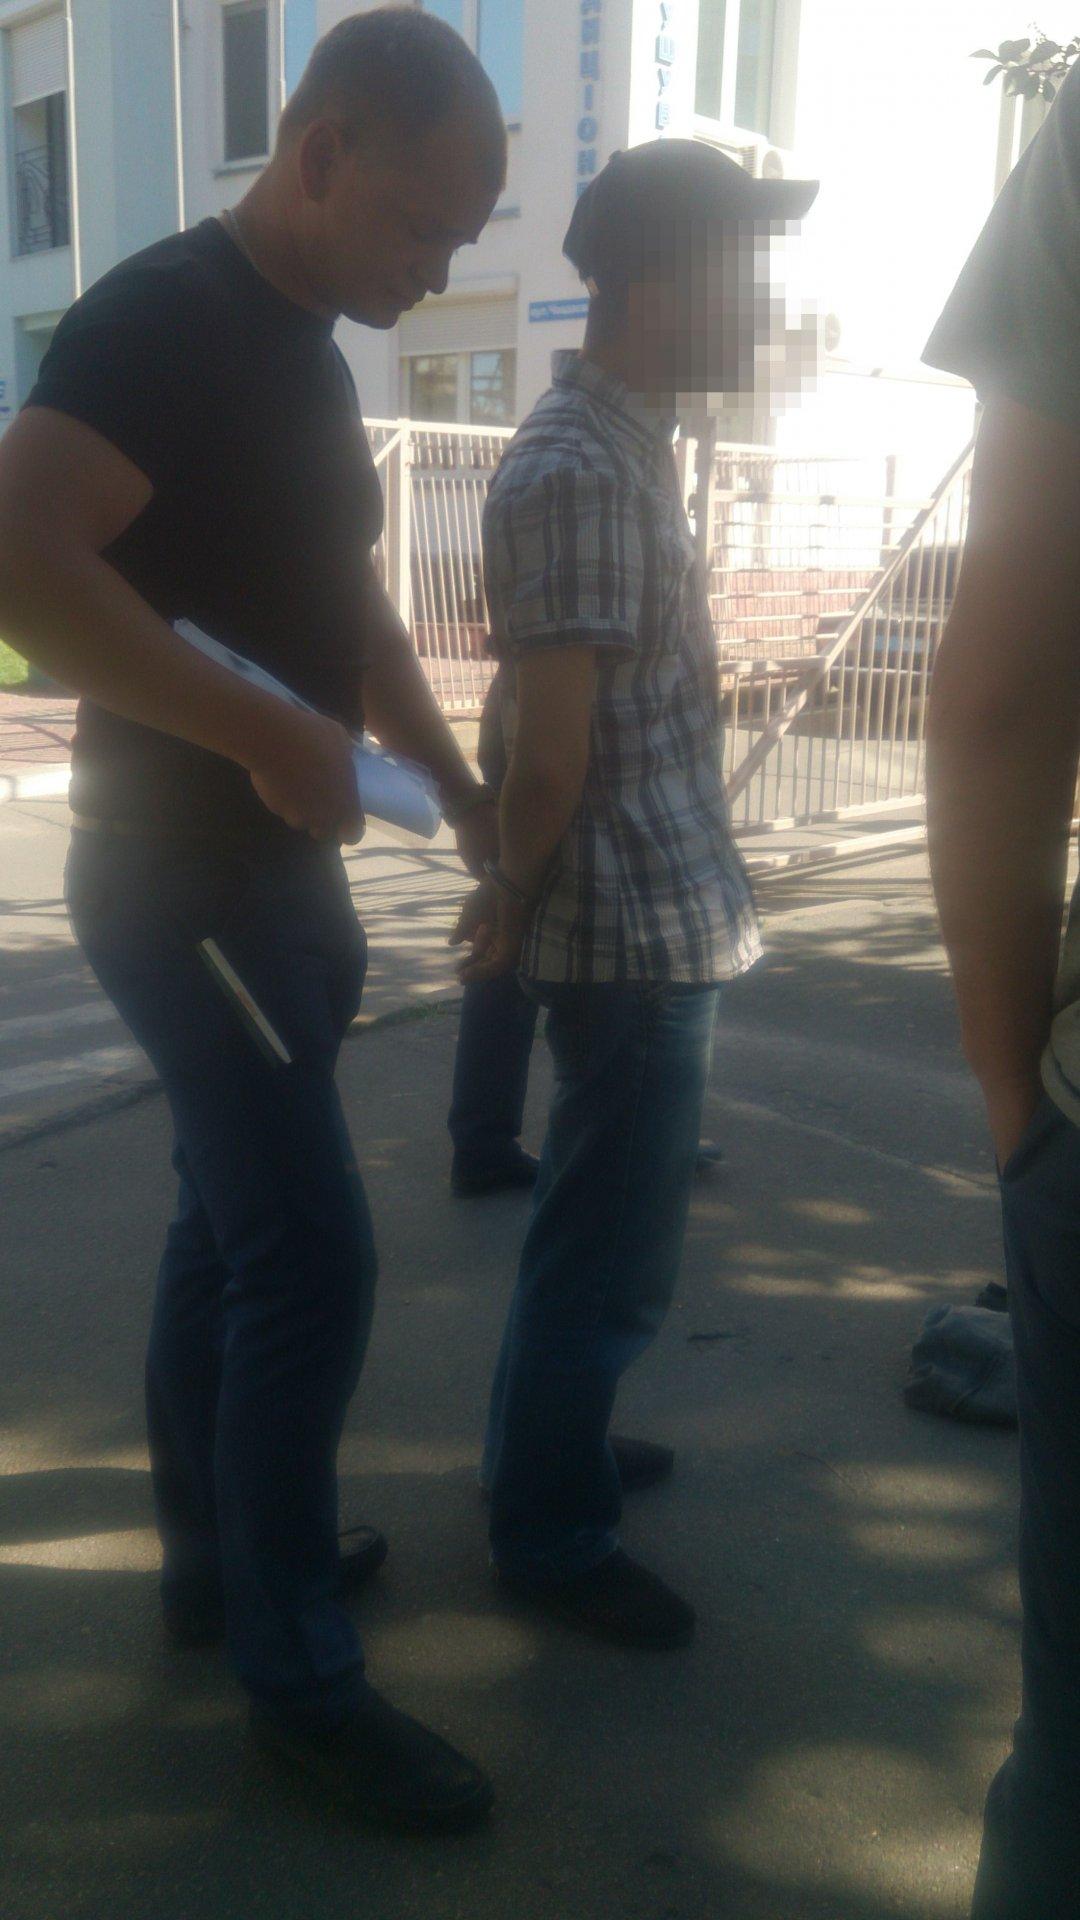 задержанный с боеприпасами фото: Сегодня